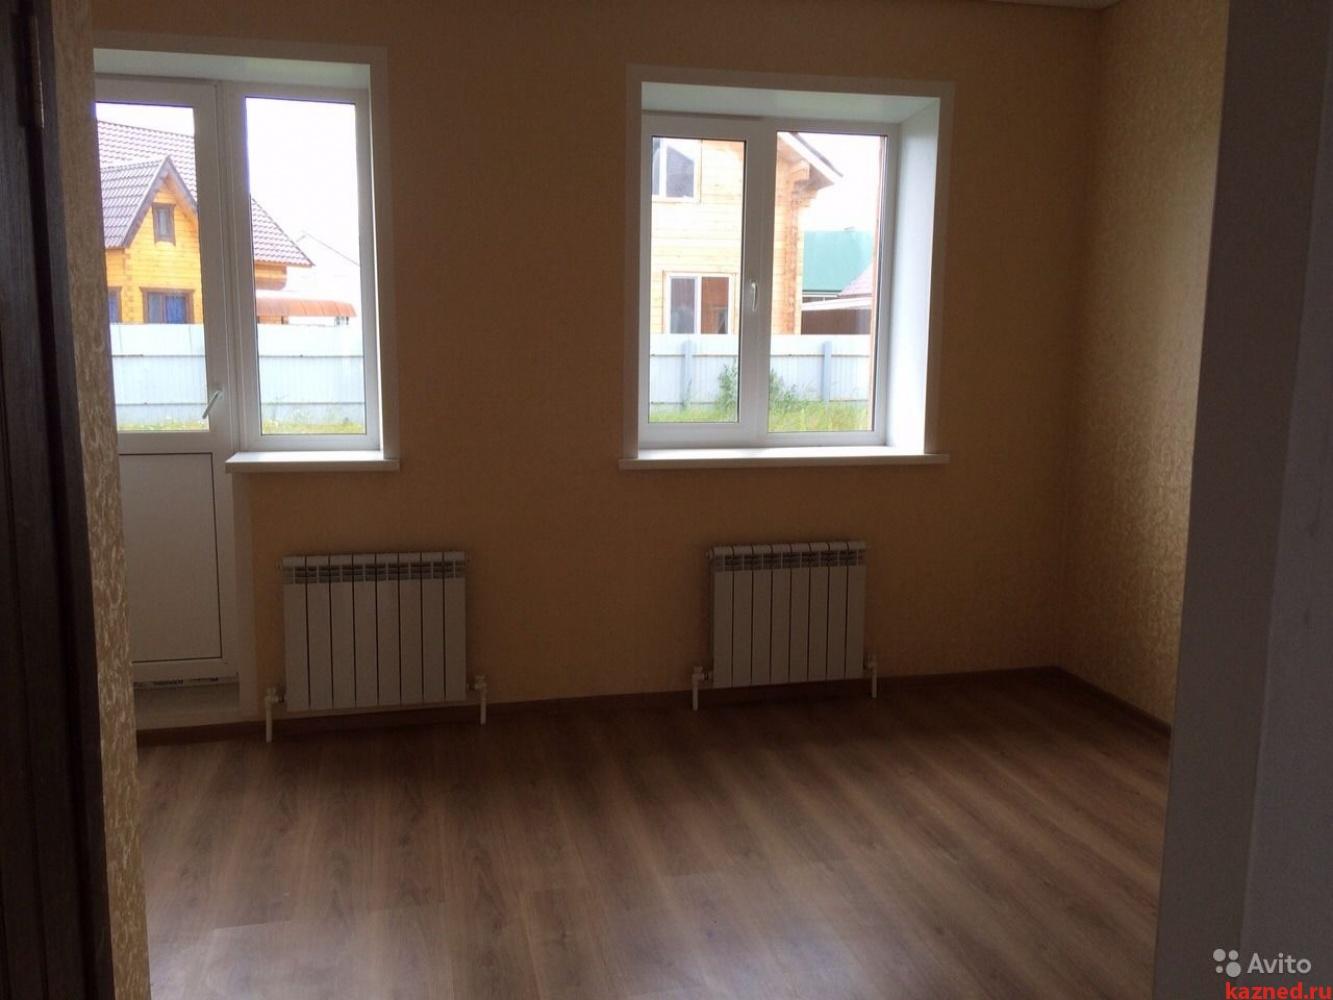 Продажа  Дома Шомыртлы, 82 м2  (миниатюра №2)